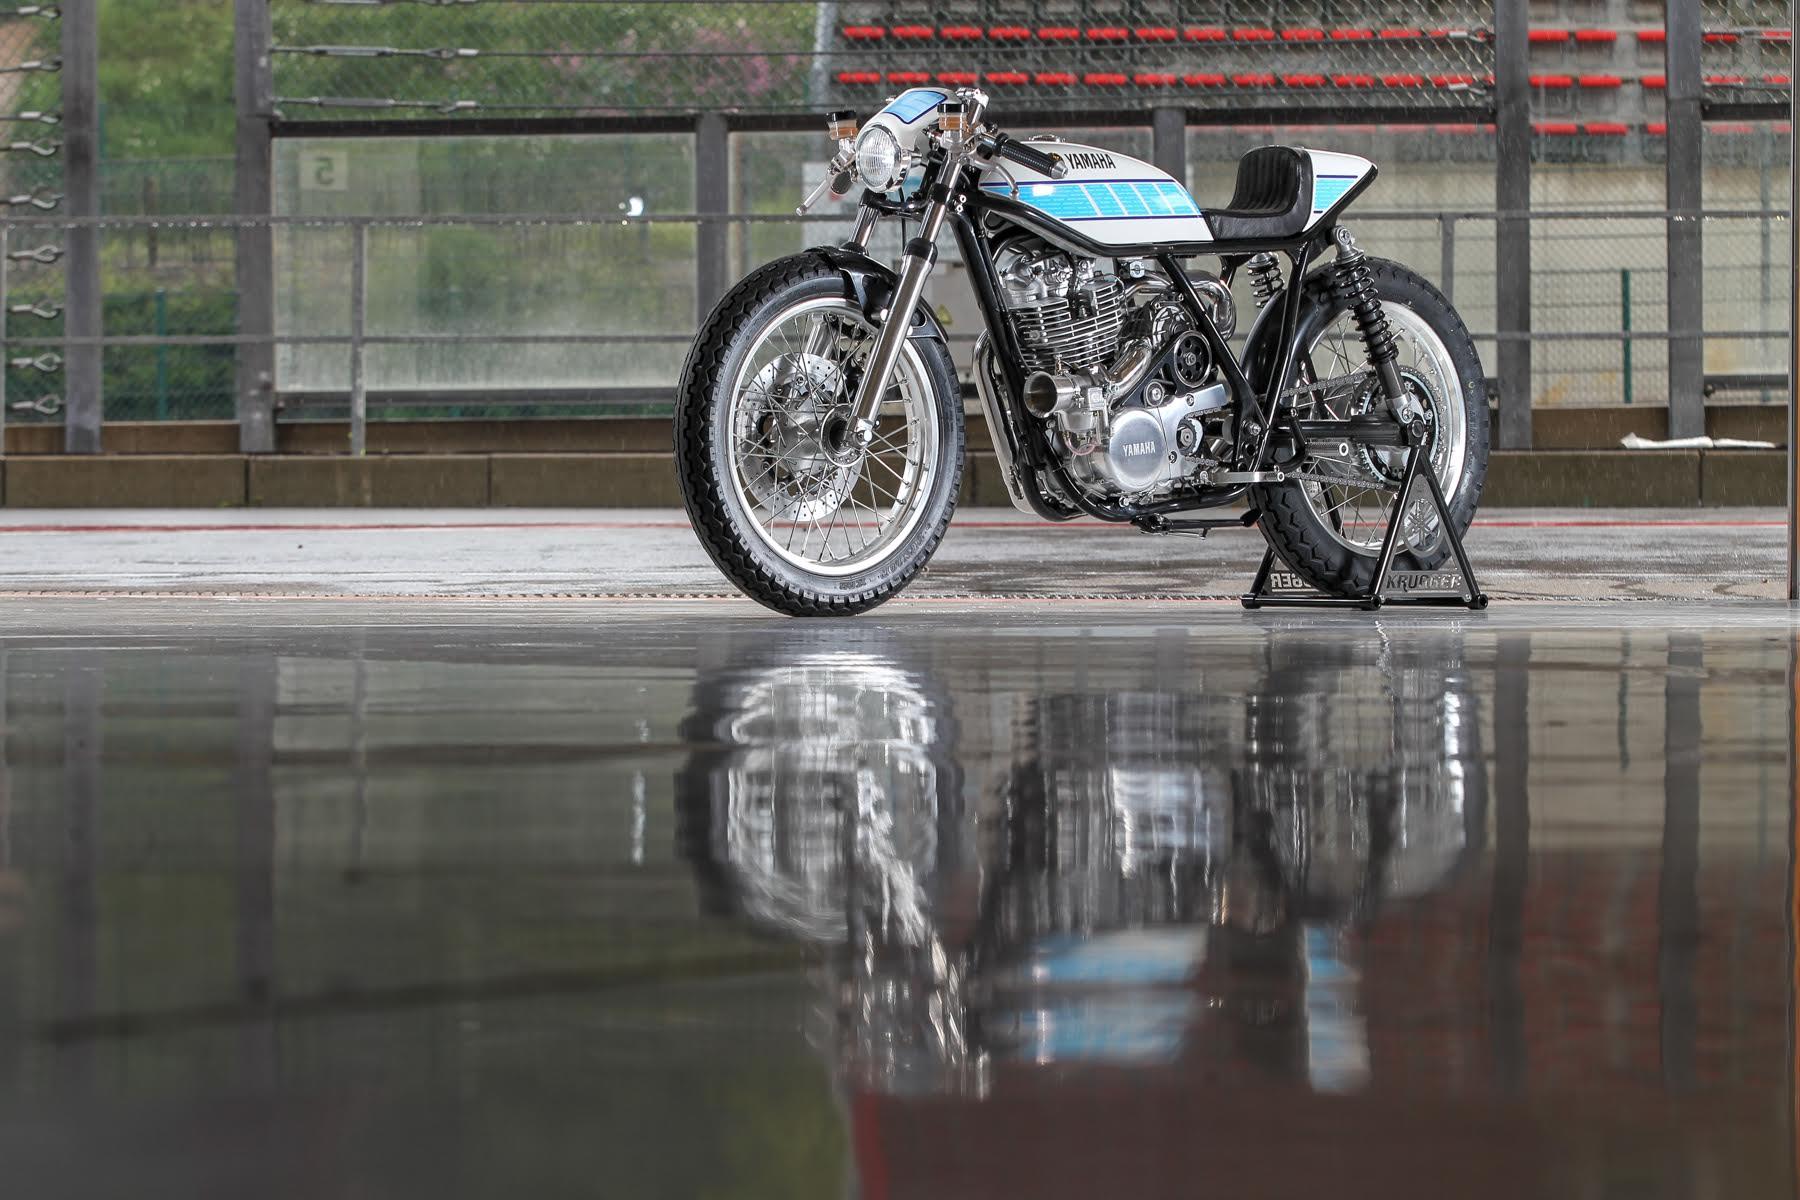 """Dunlop scelta come partner dell'esclusiva """"Yardbuilt"""" SR400 Krugger costruita a mano"""